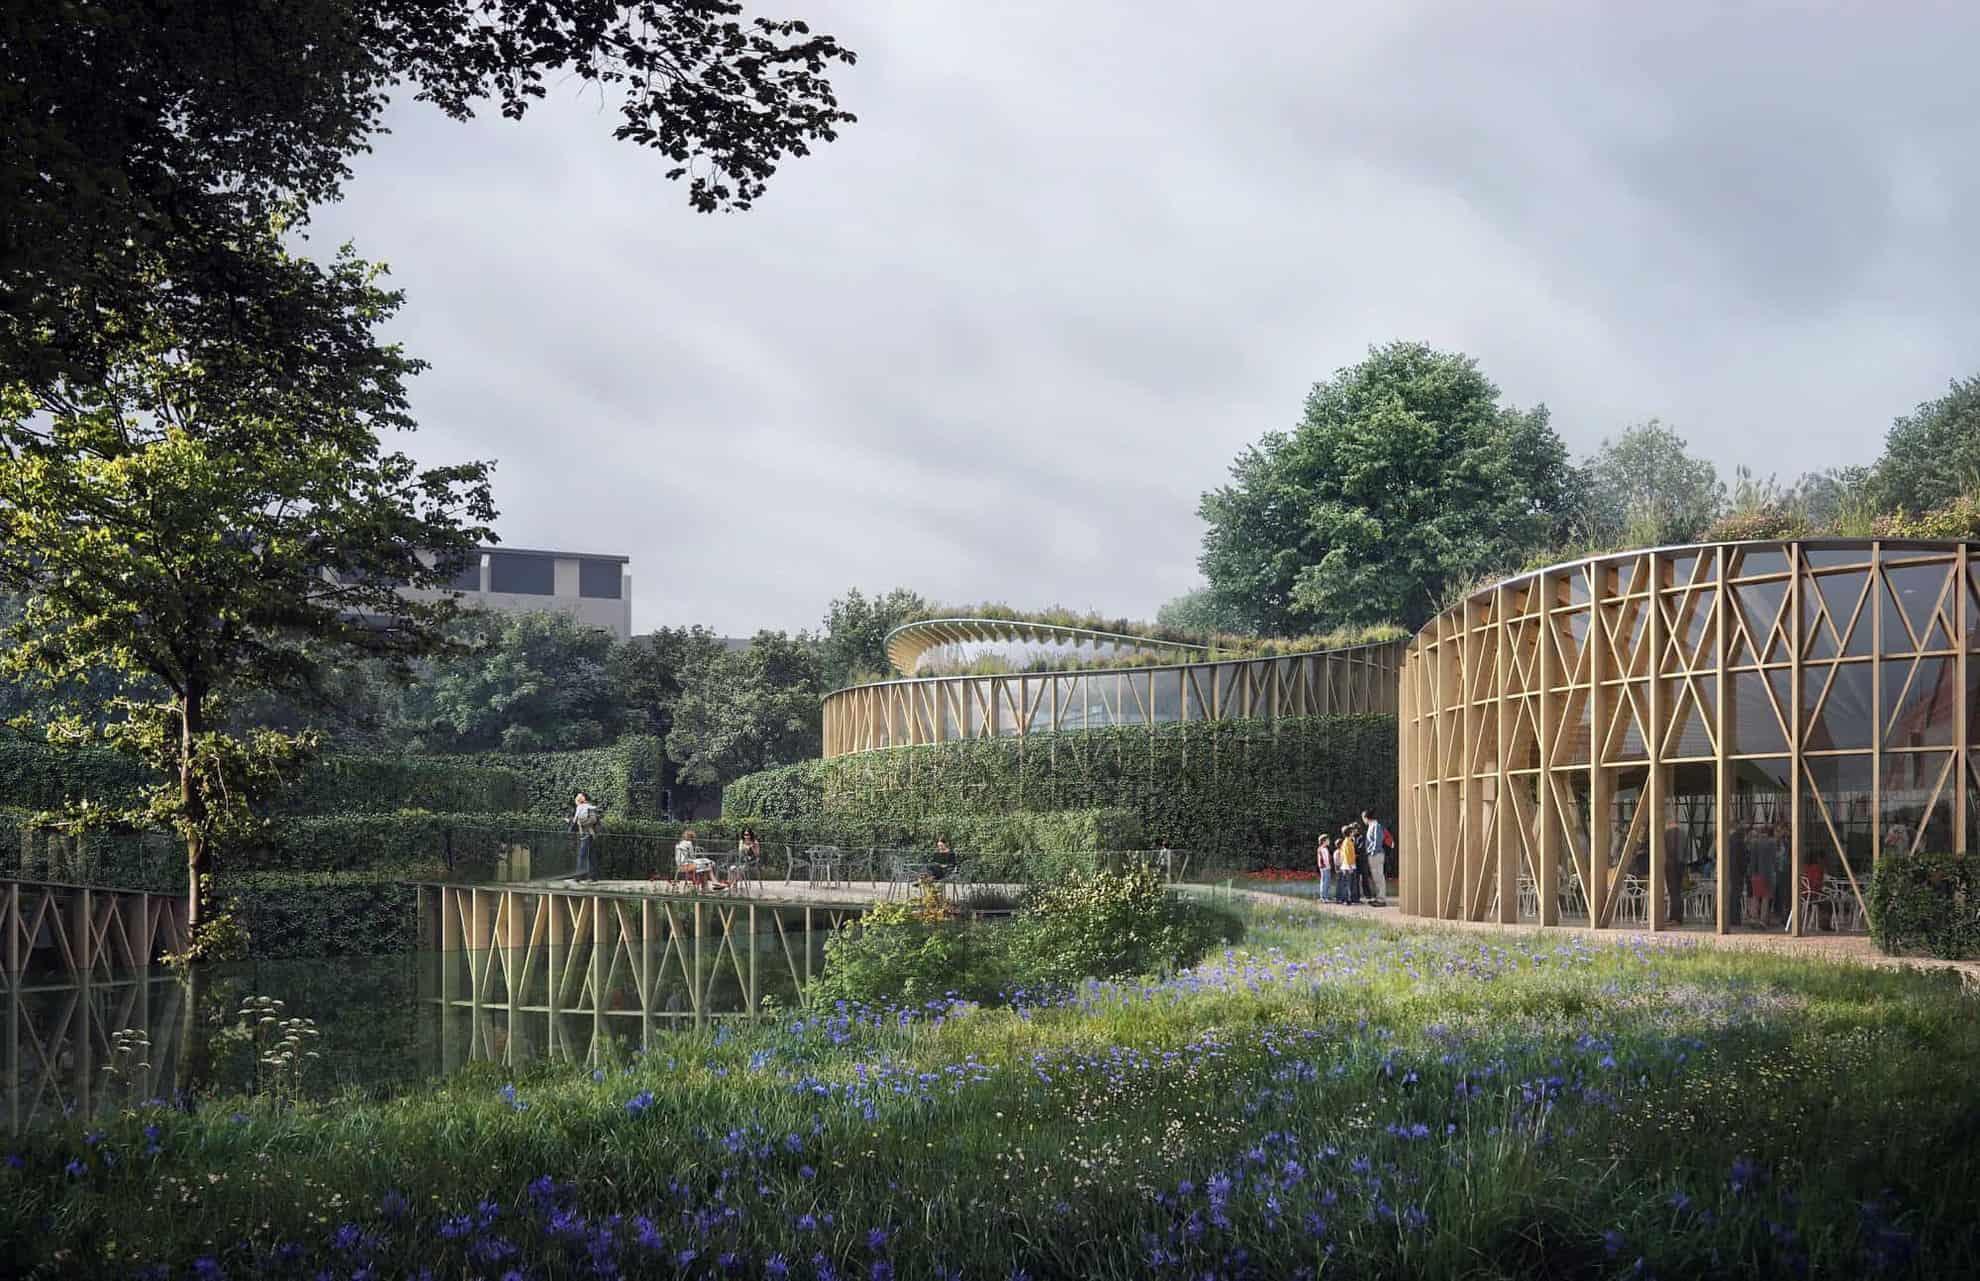 Un nuevo museo abrirá en Dinamarca inspirado en Hans Christian Andersen y sus cuentos